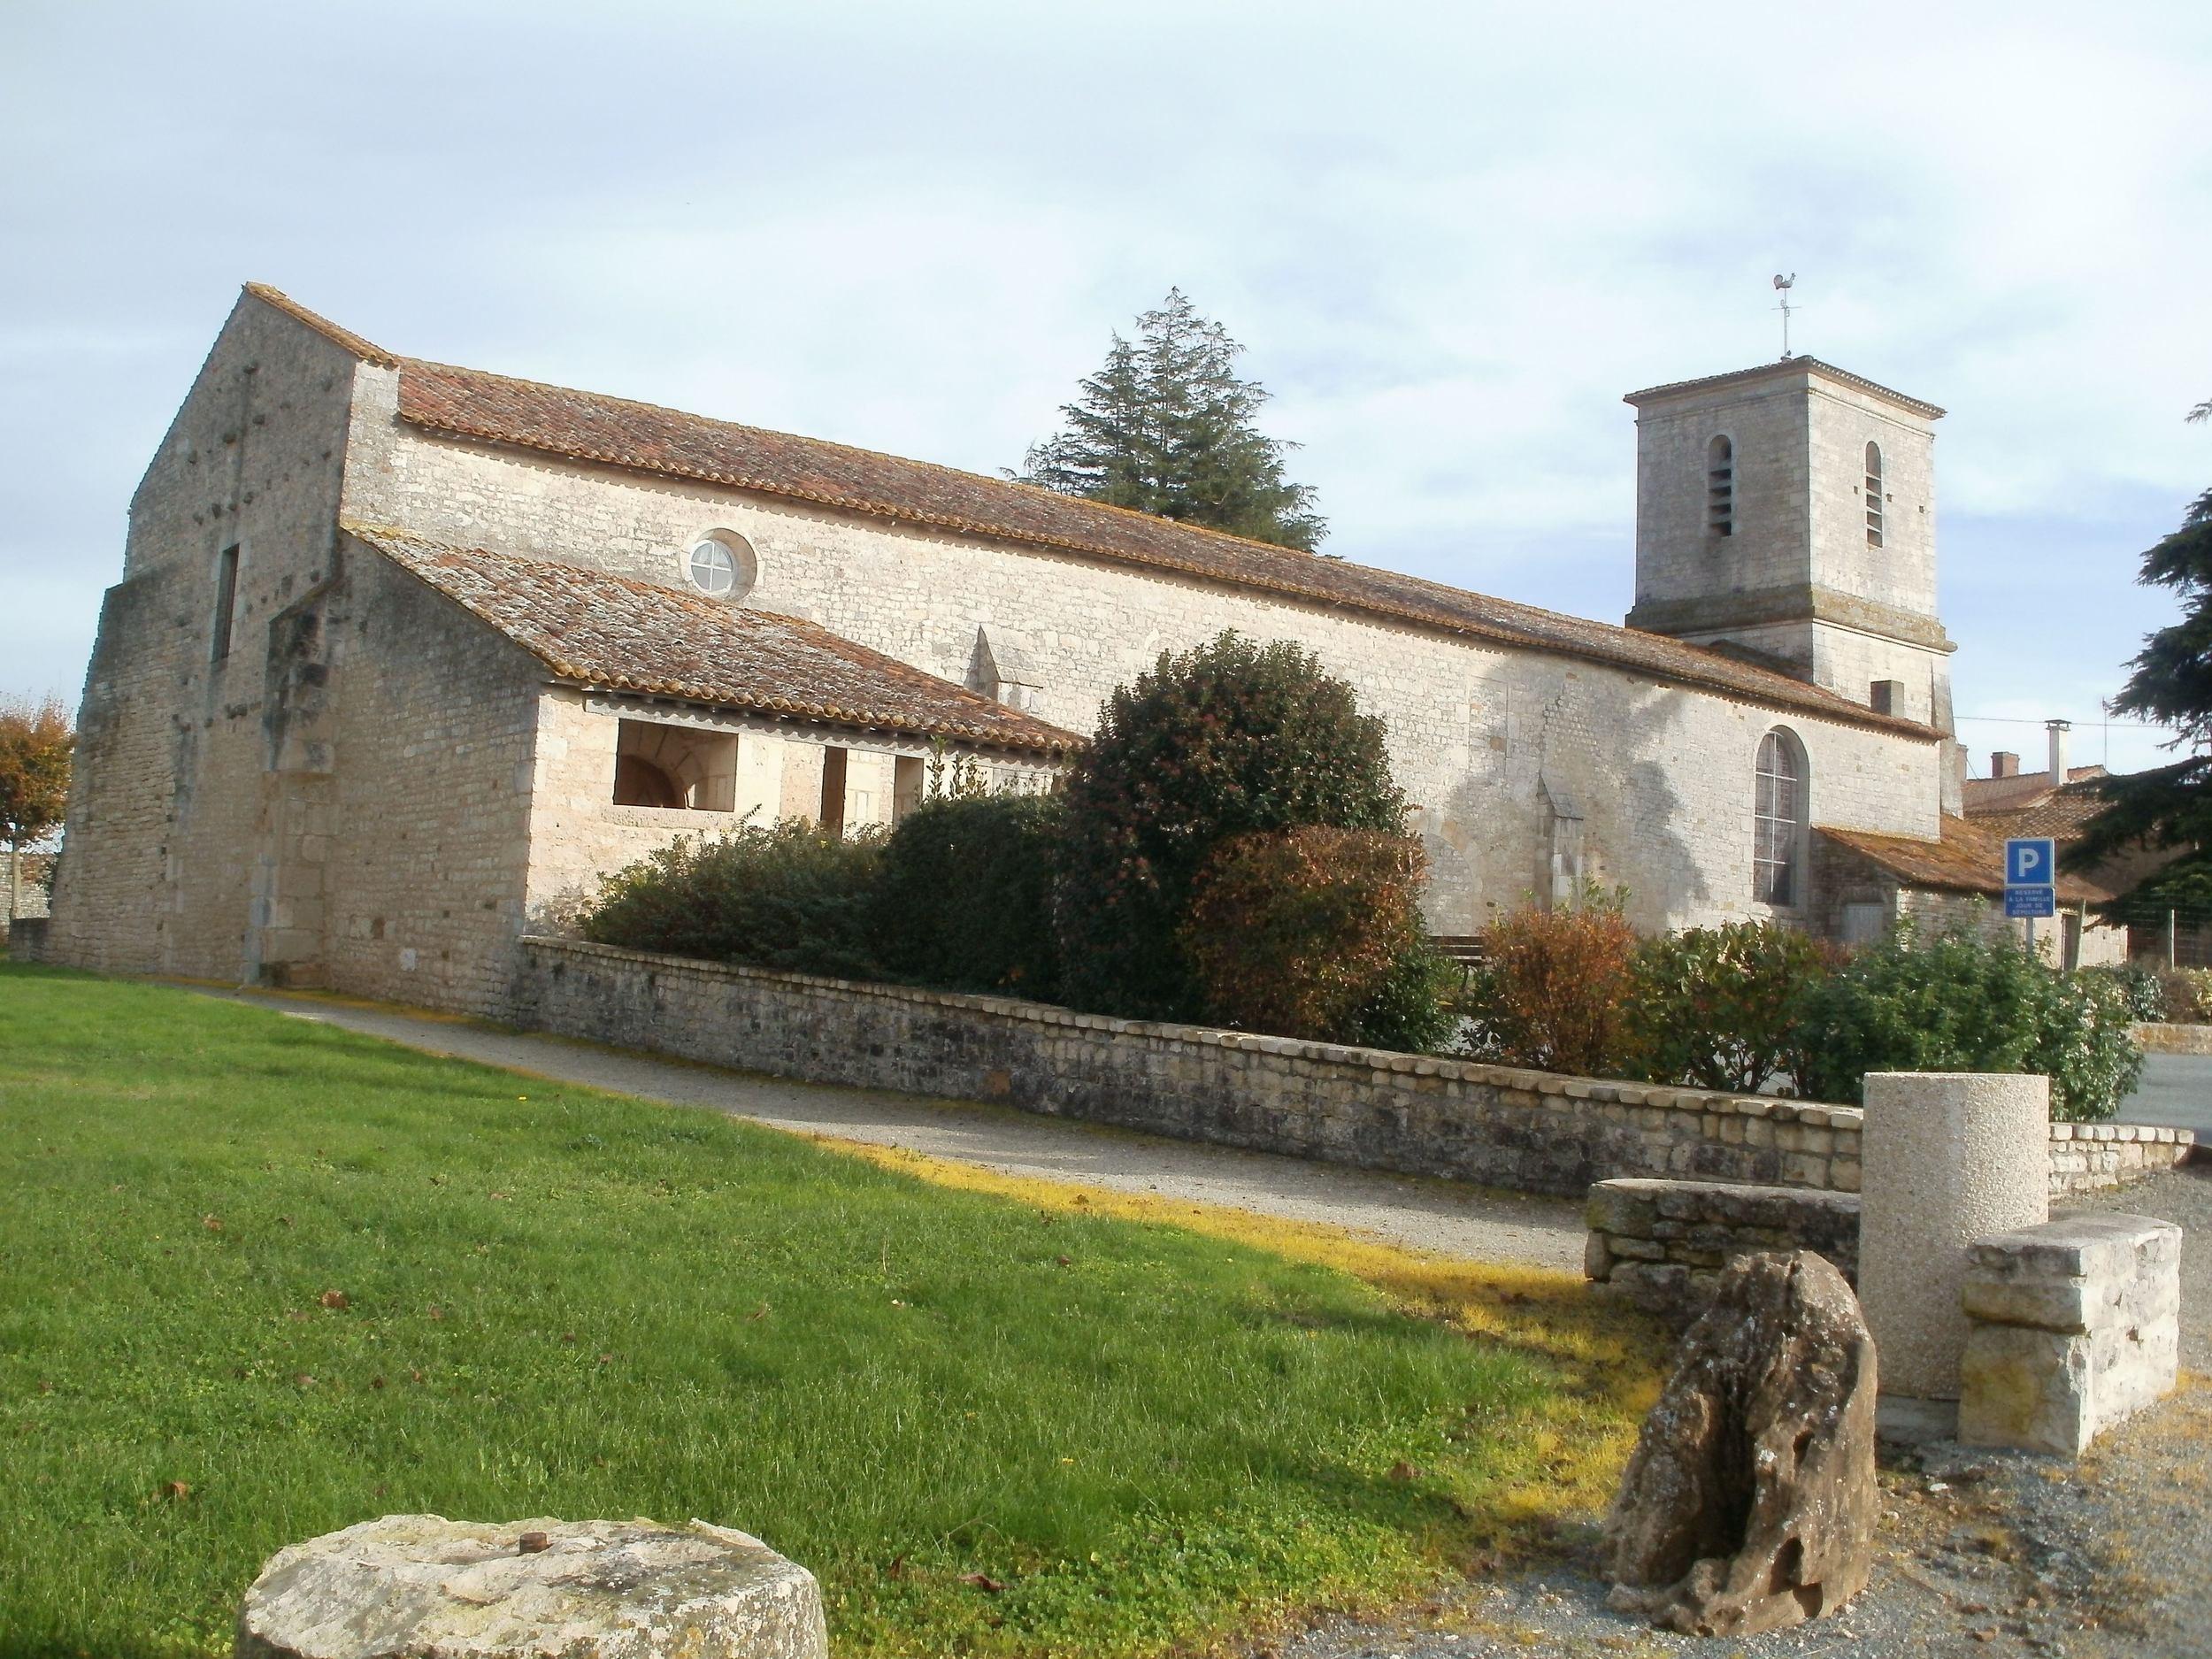 St Peirre 2 Le Langon-min.jpg